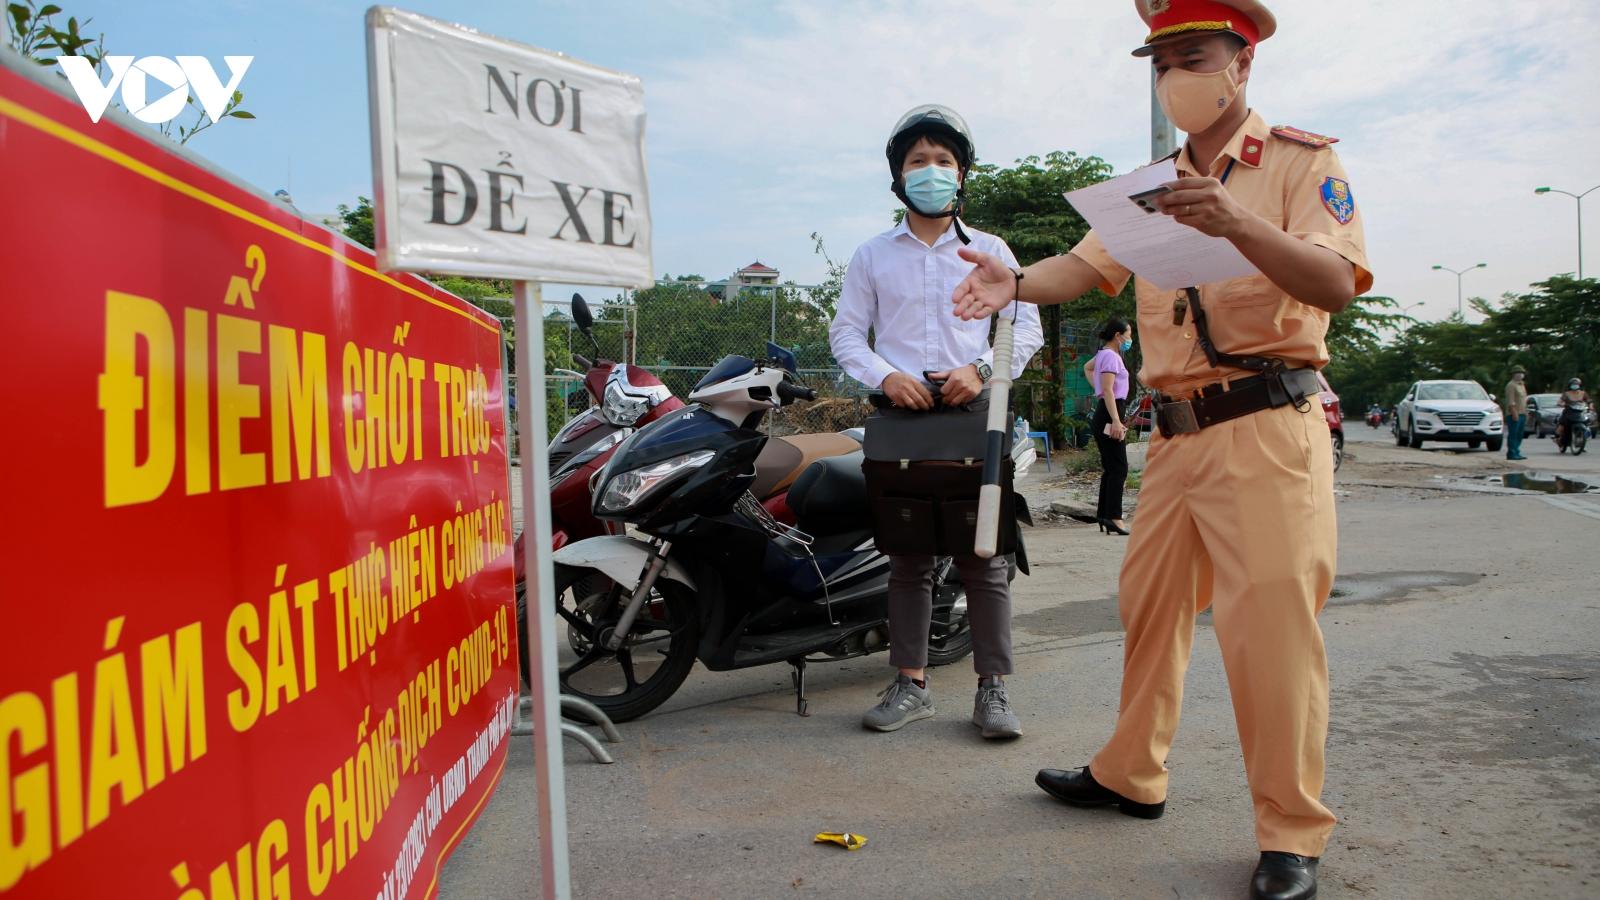 Nhiều người dân Thủ đô phải quay về khi xuất trình giấy đi đường nhưng không hợp lệ